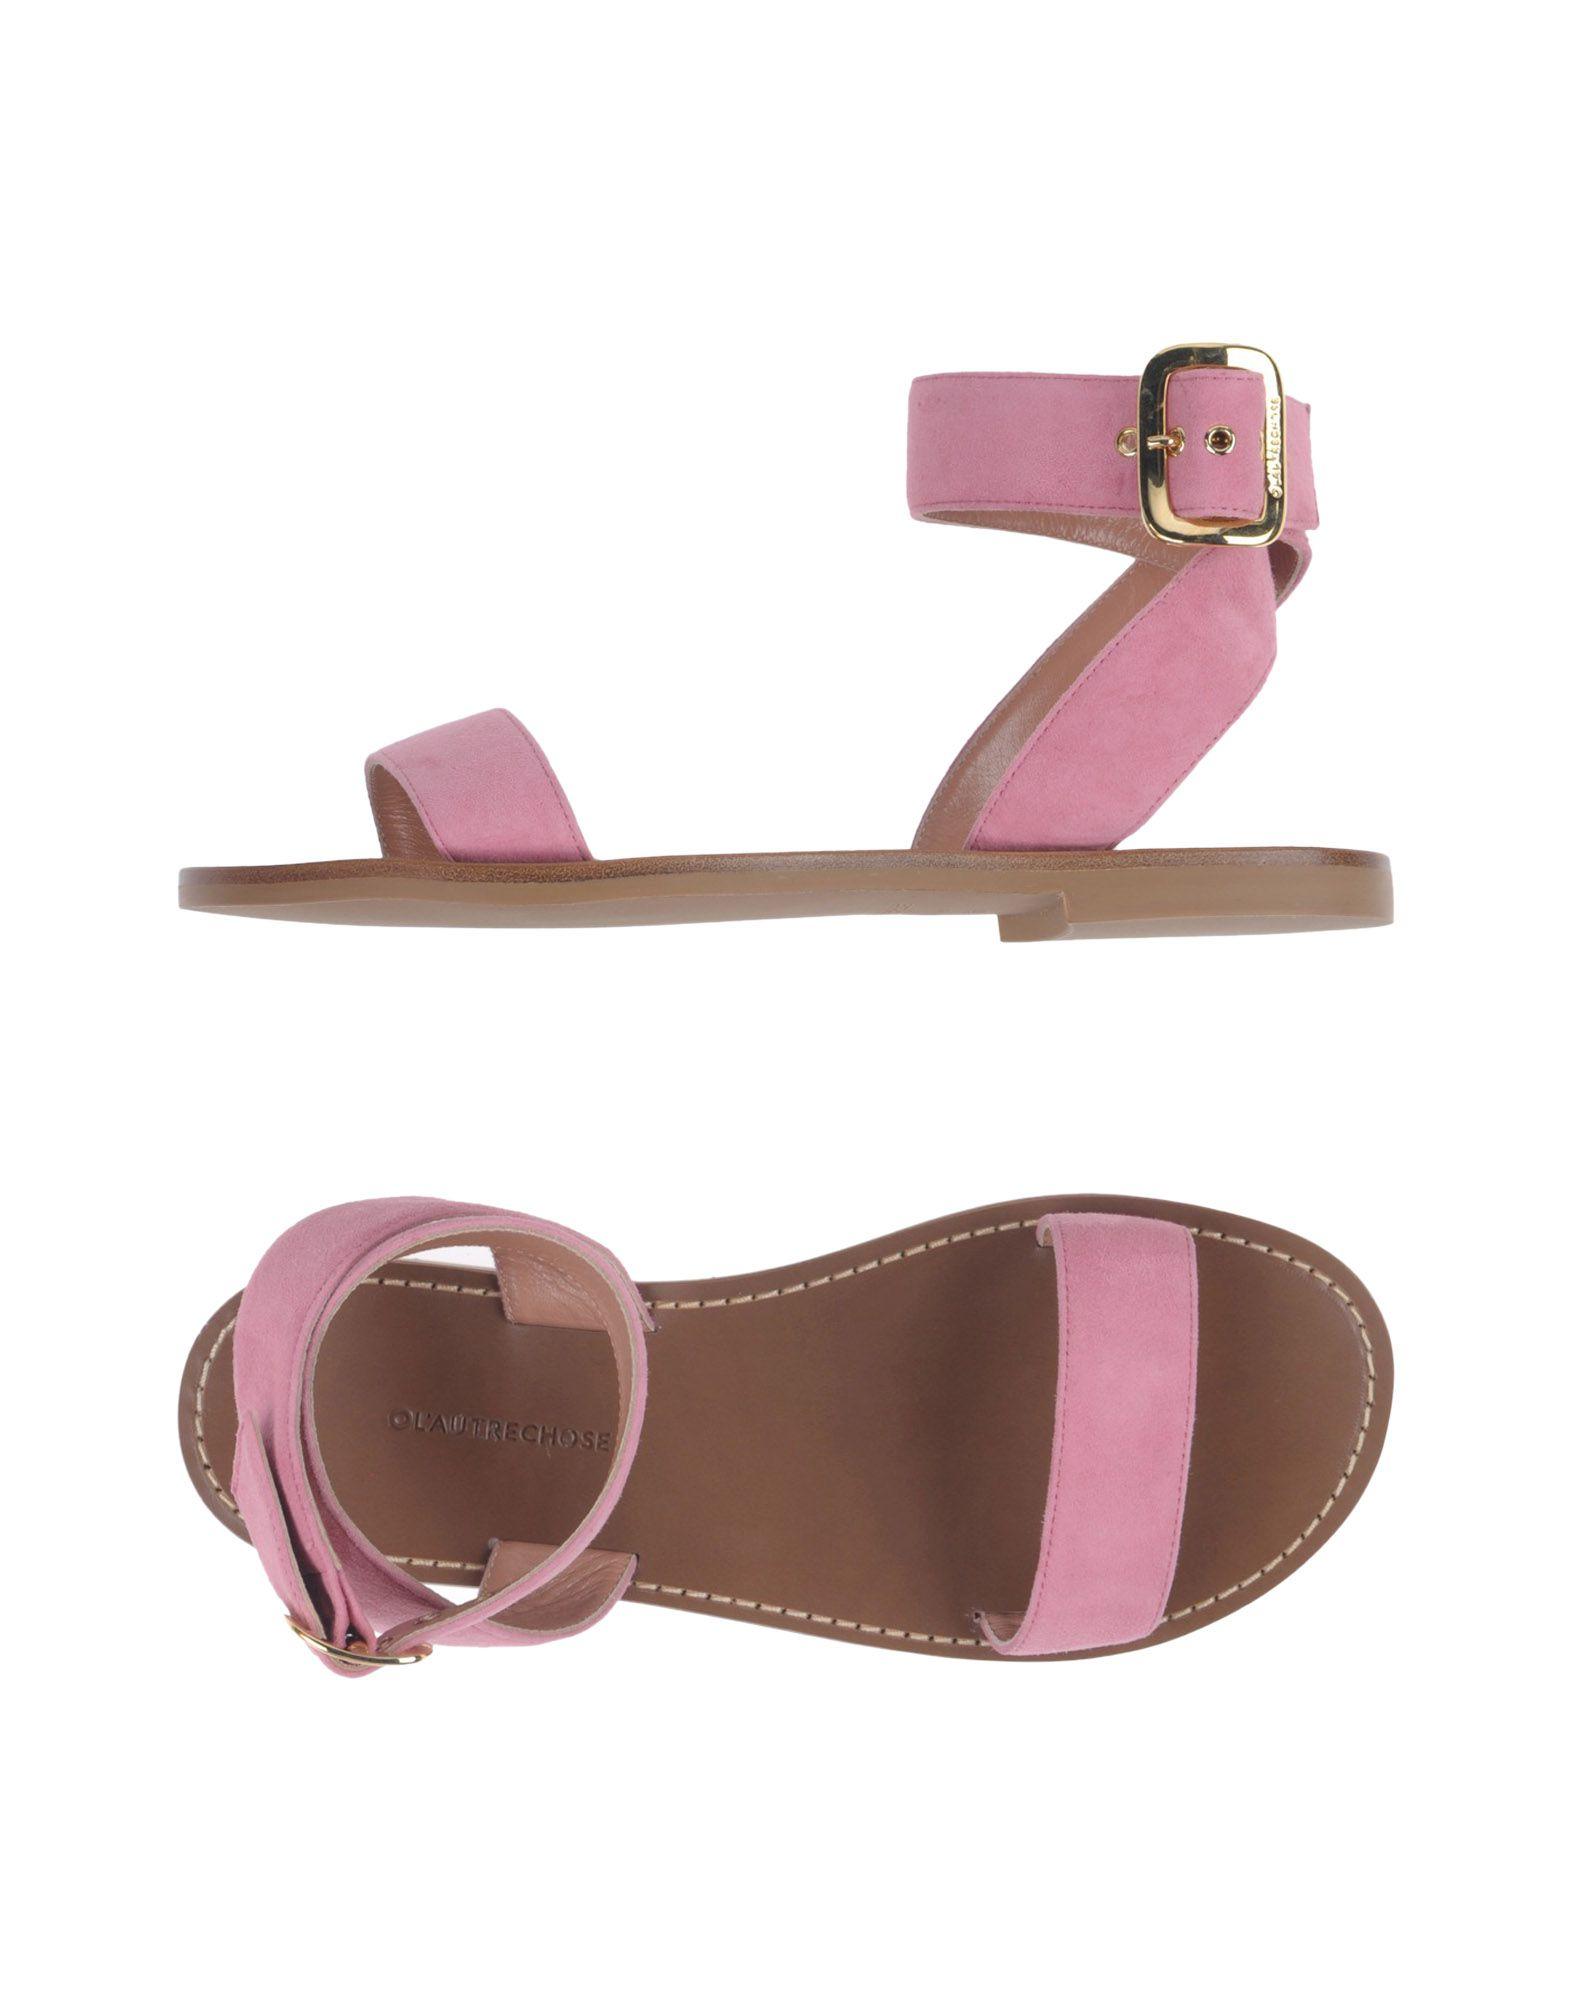 L' Schuhe Autre Chose Sandalen Damen  11383982VE Neue Schuhe L' 158d30